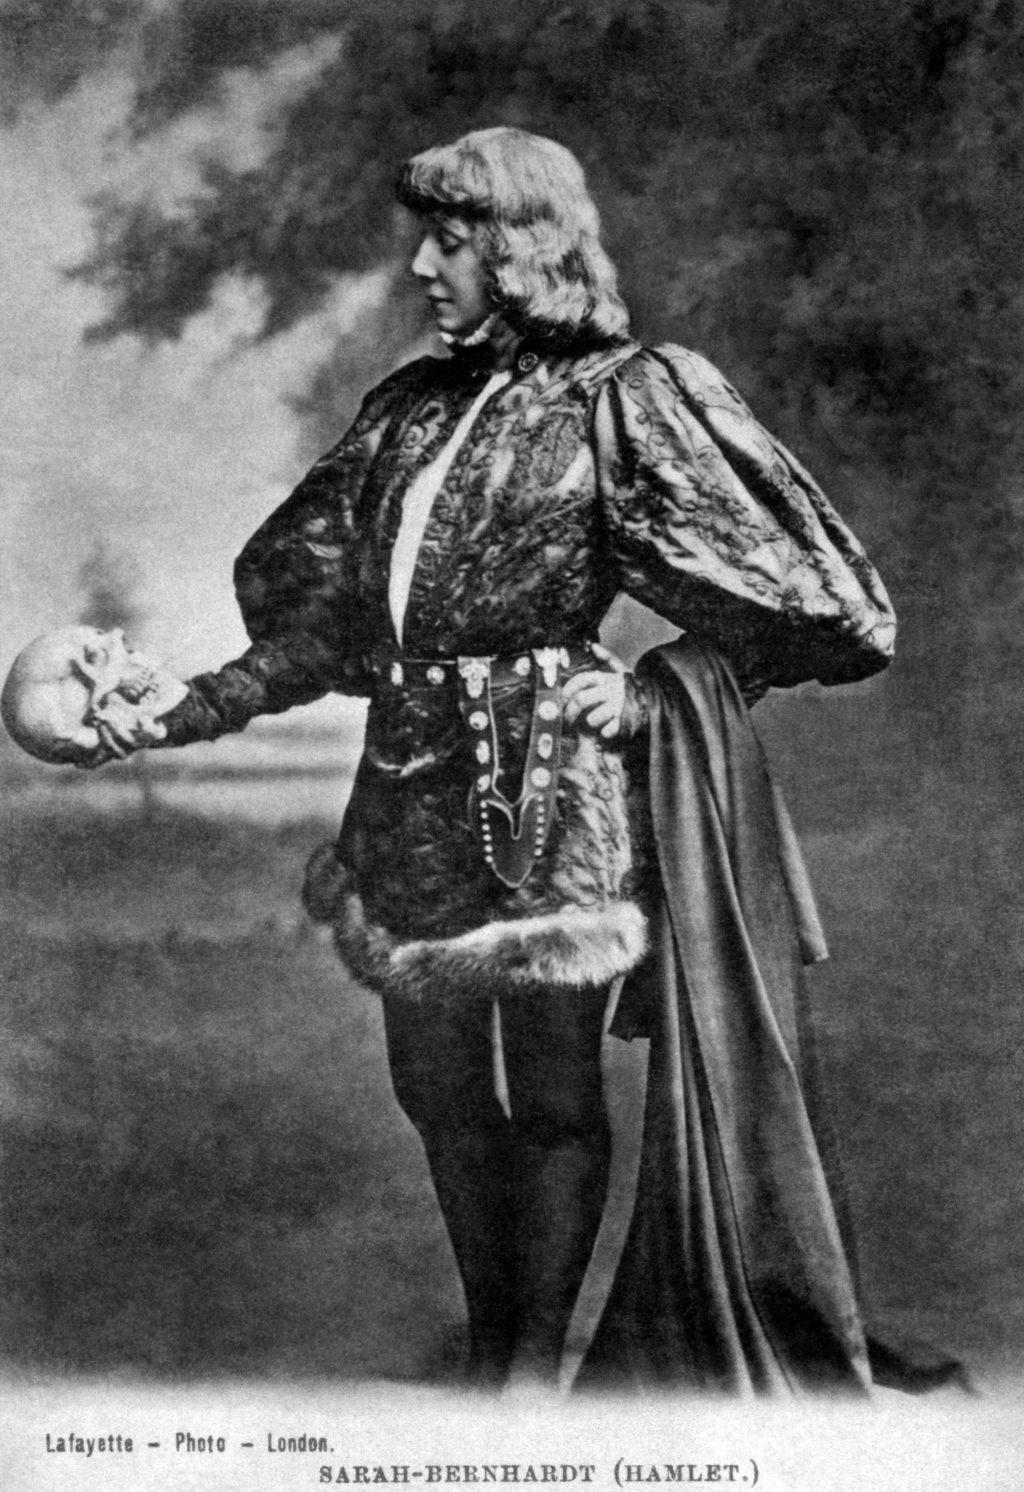 Сара Бернар в роли Гамлета с черепом Йорика в руках